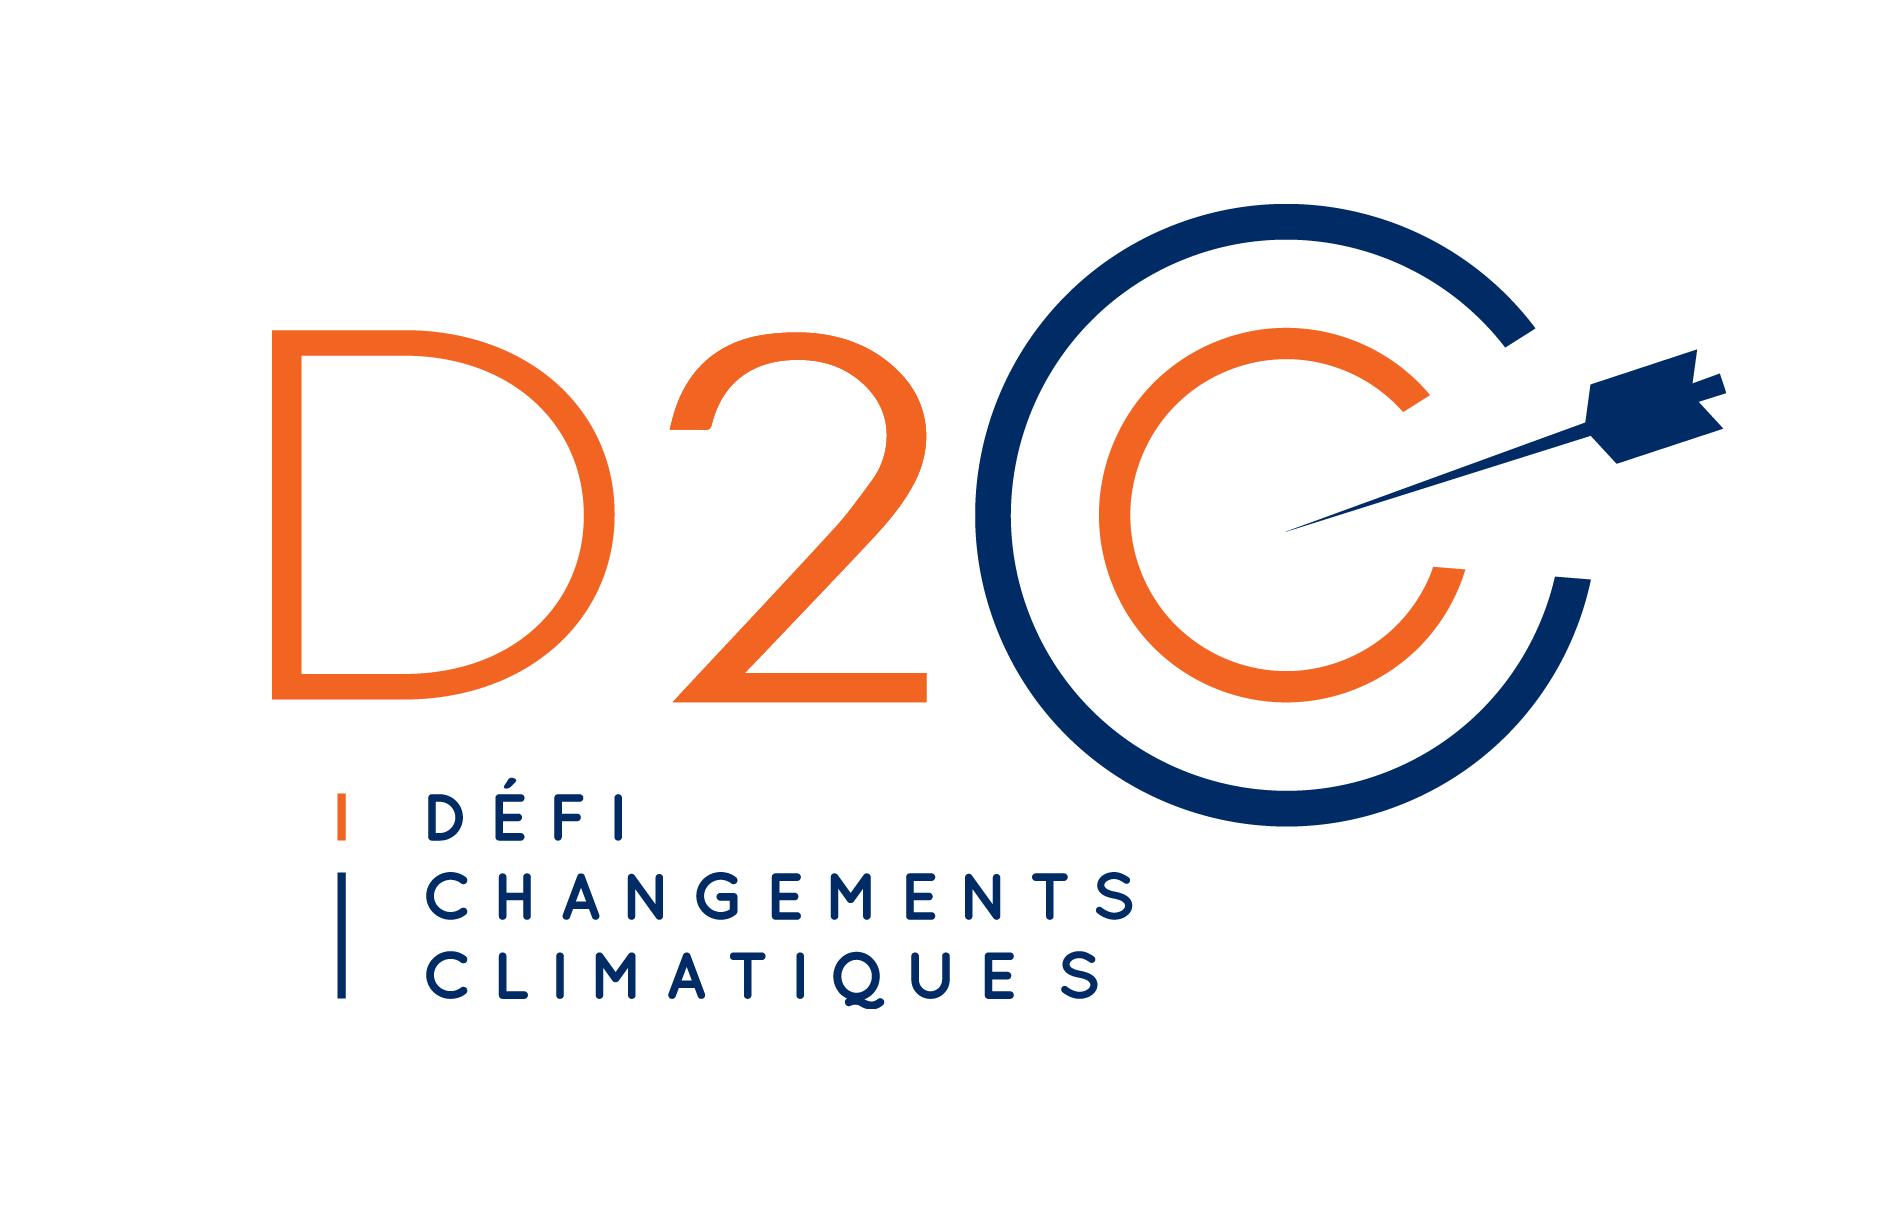 D2C – Défi Changements climatiques 2020